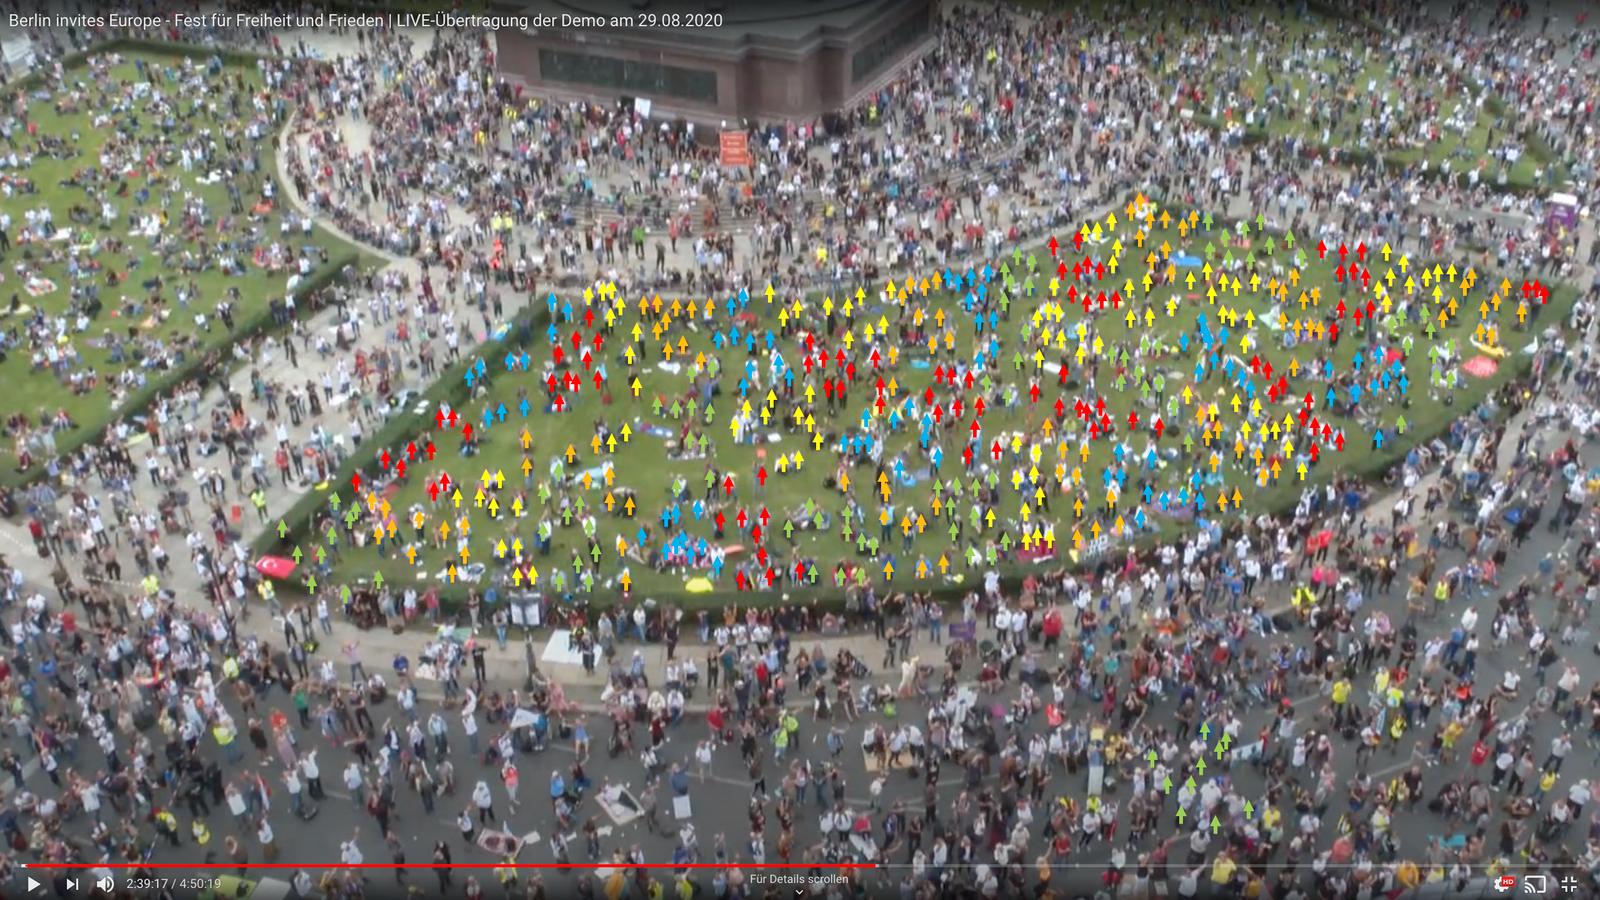 Bildschirmfoto 2020-08-30 um 14.22.18-1